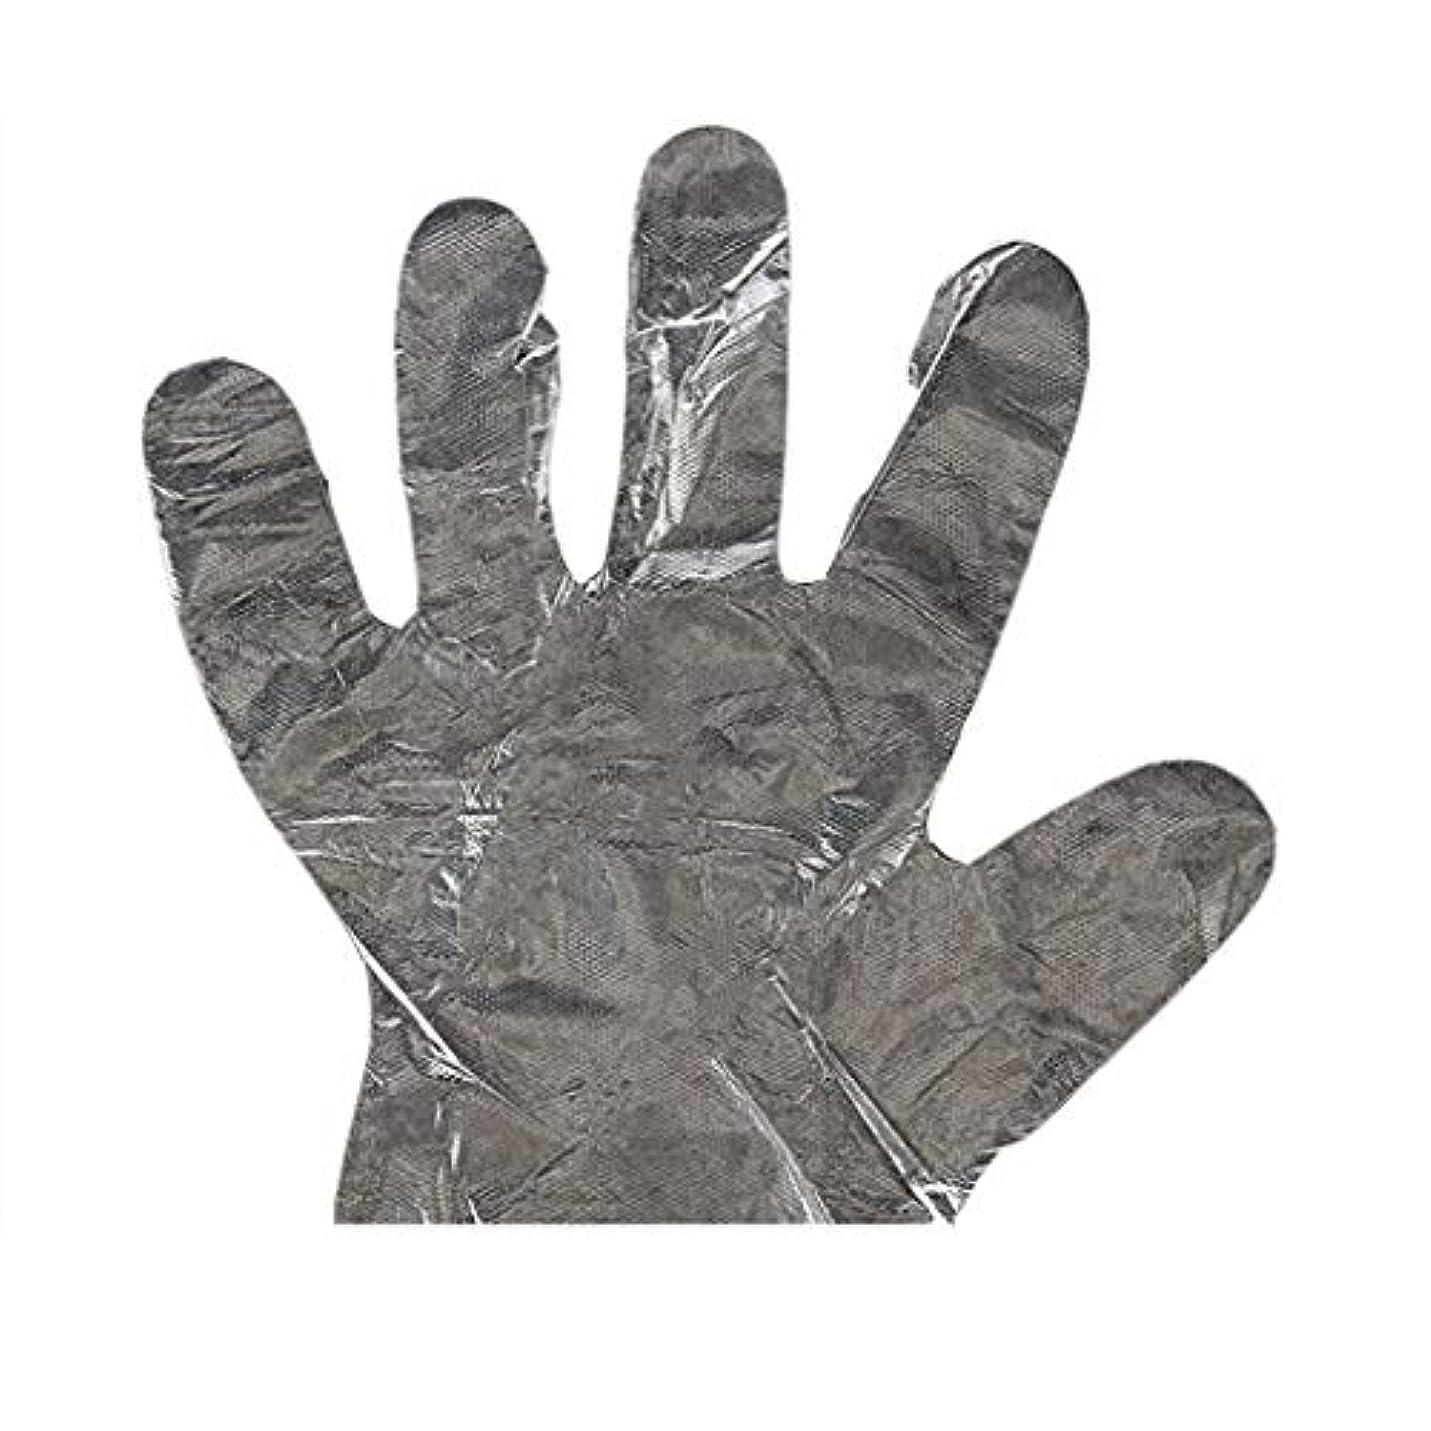 教育するコインランドリーアフリカ人手袋の使い捨て手袋PEの衛生的な食糧手袋100パッケージ